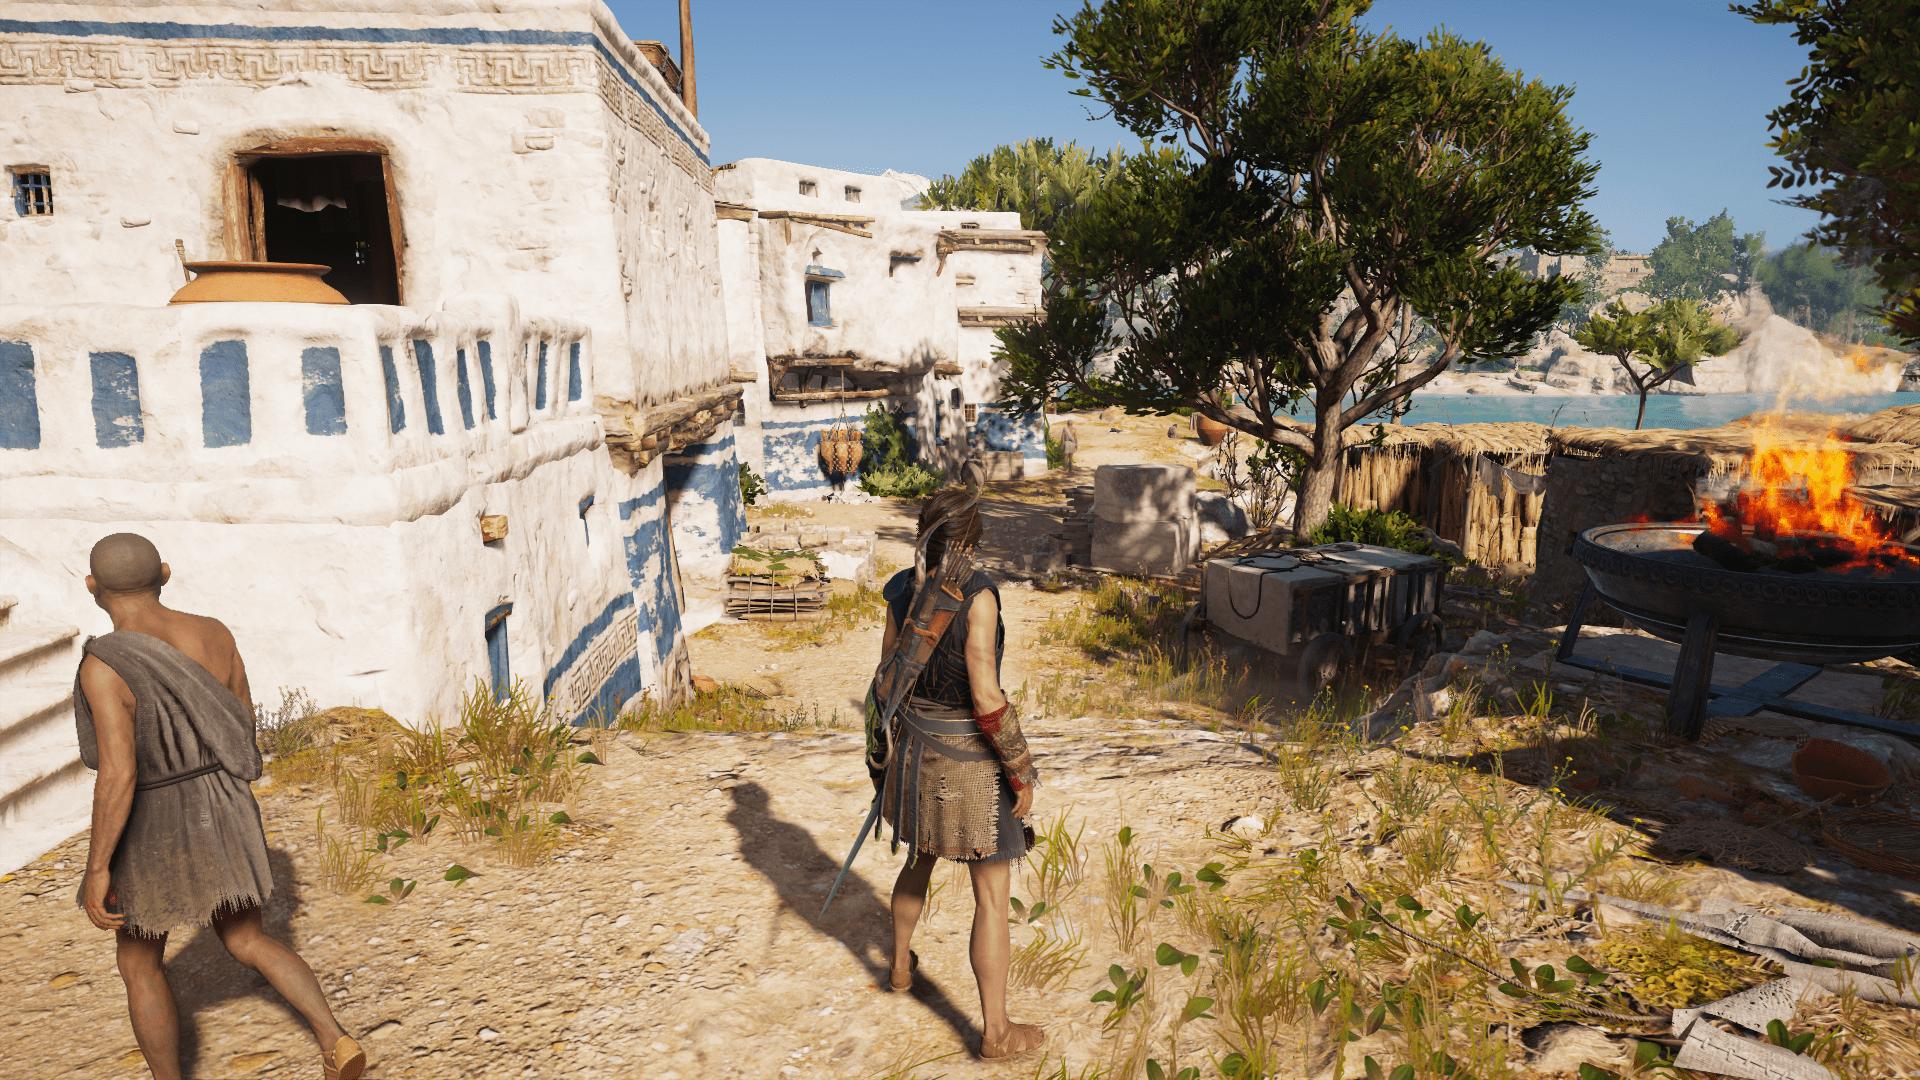 2MoltoAlto - Assassin's Creed Odyssey - Recensione come gira su PC